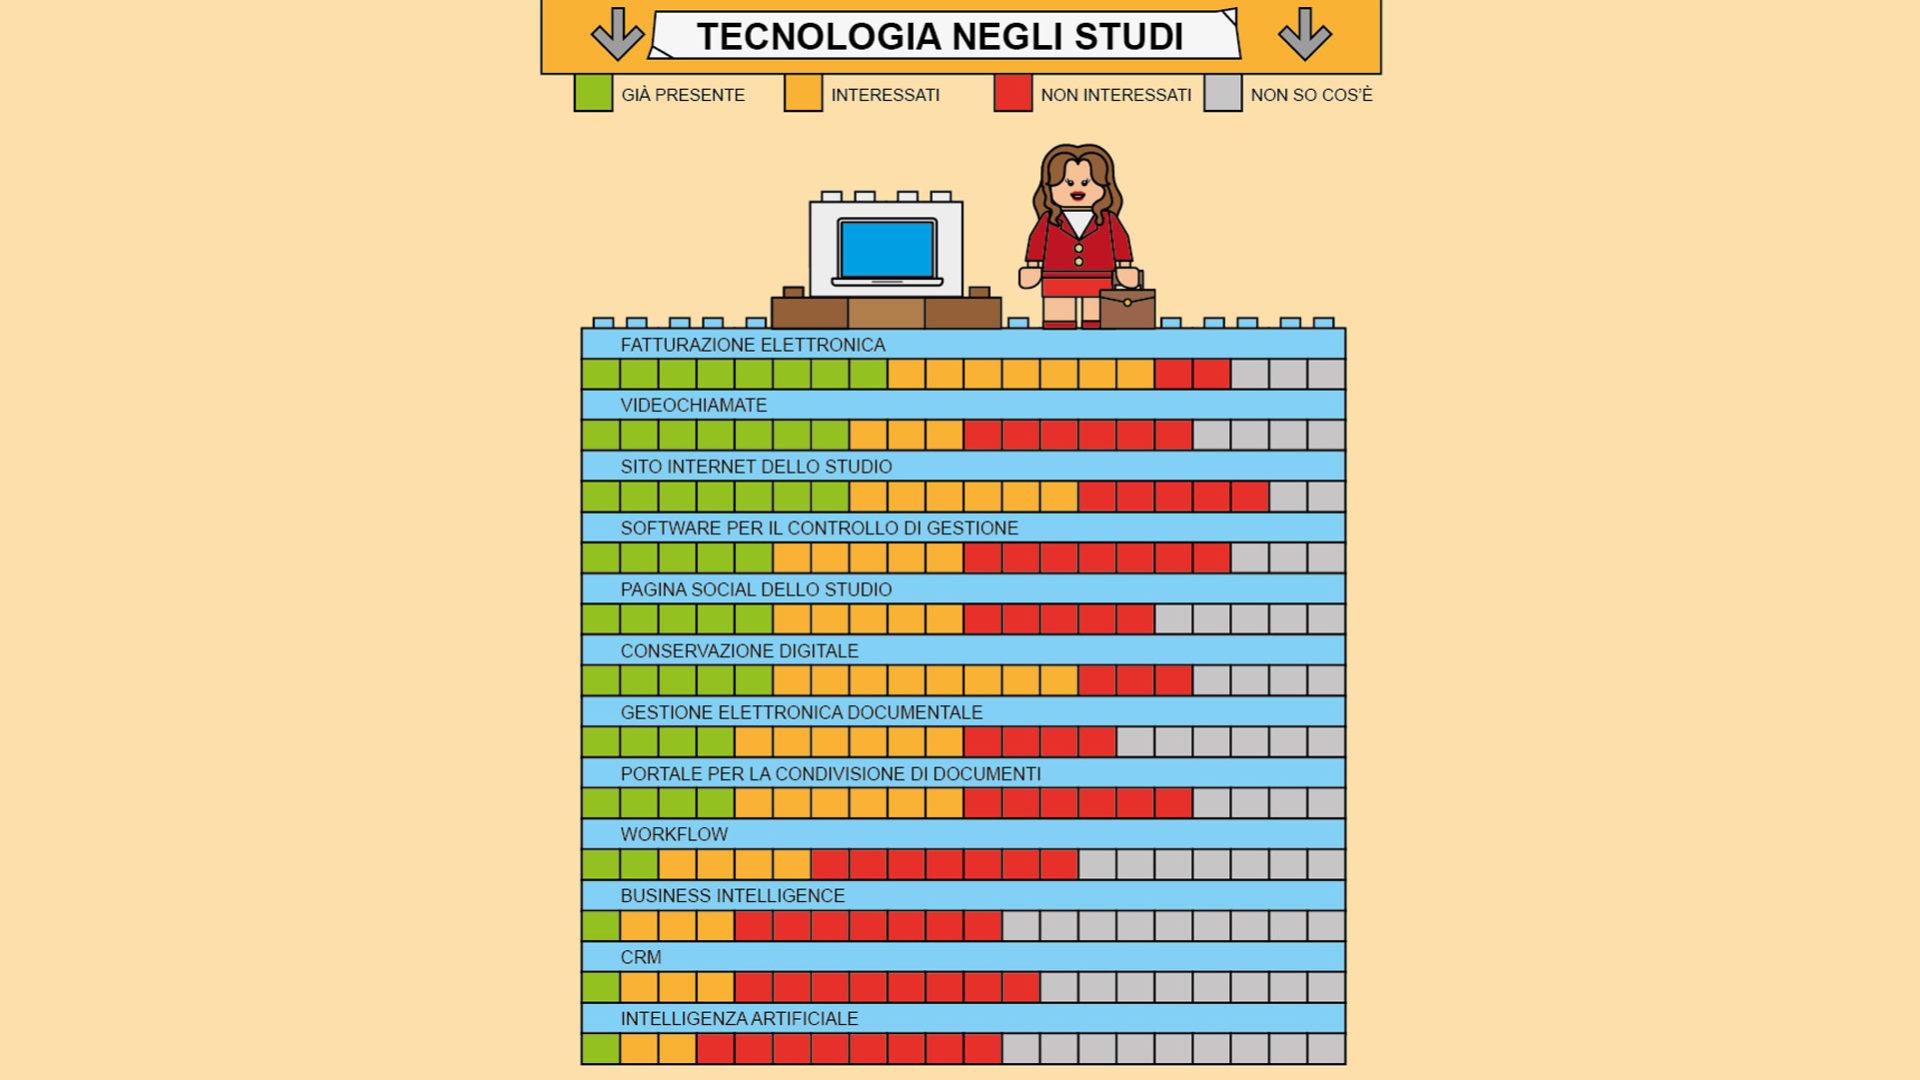 schema che mostra La tecnologia negli studi professionali italiani, pillar intelligenza artificiale